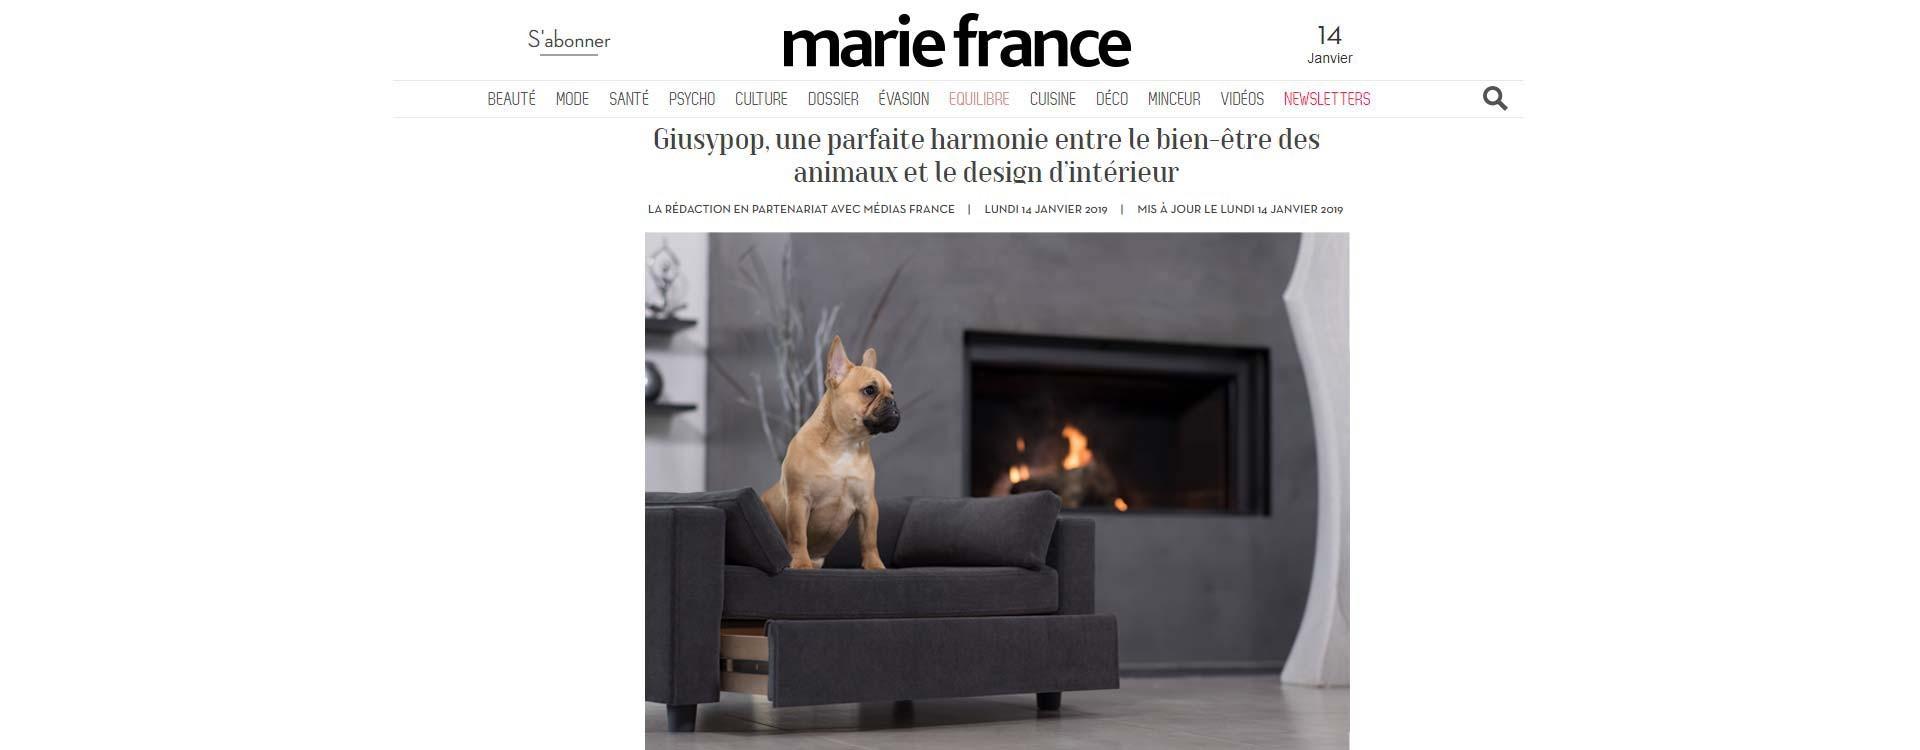 Il magazine mariefrance.fr parla di Giusypop